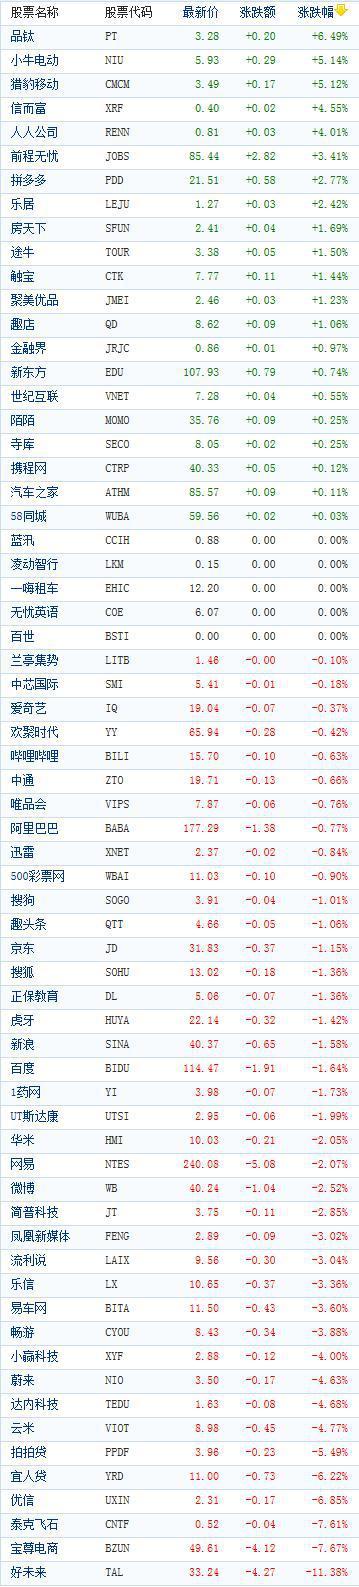 美股中概股指数下跌1%,好未来重挫11.4%